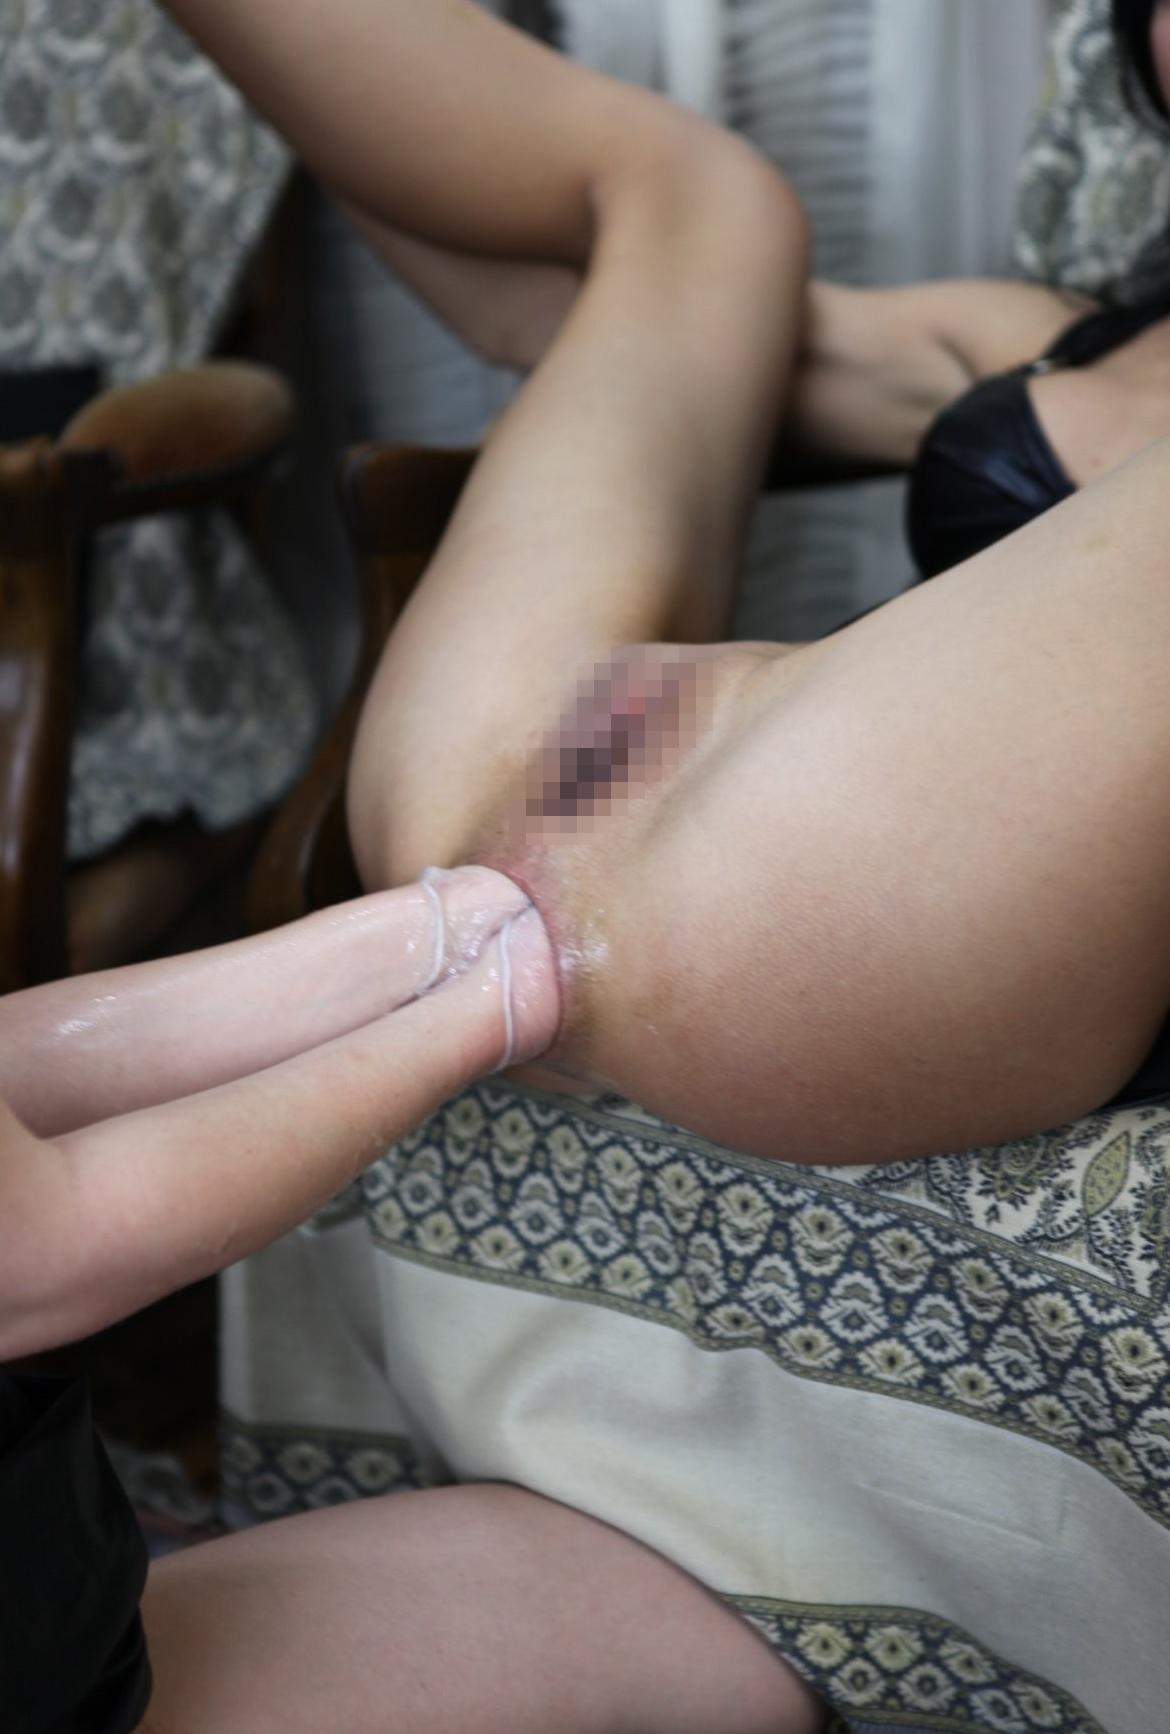 【※穴拡張】拳をブチ込むフィストファックに慣れてしまった女の末路・・・(画像あり)・13枚目